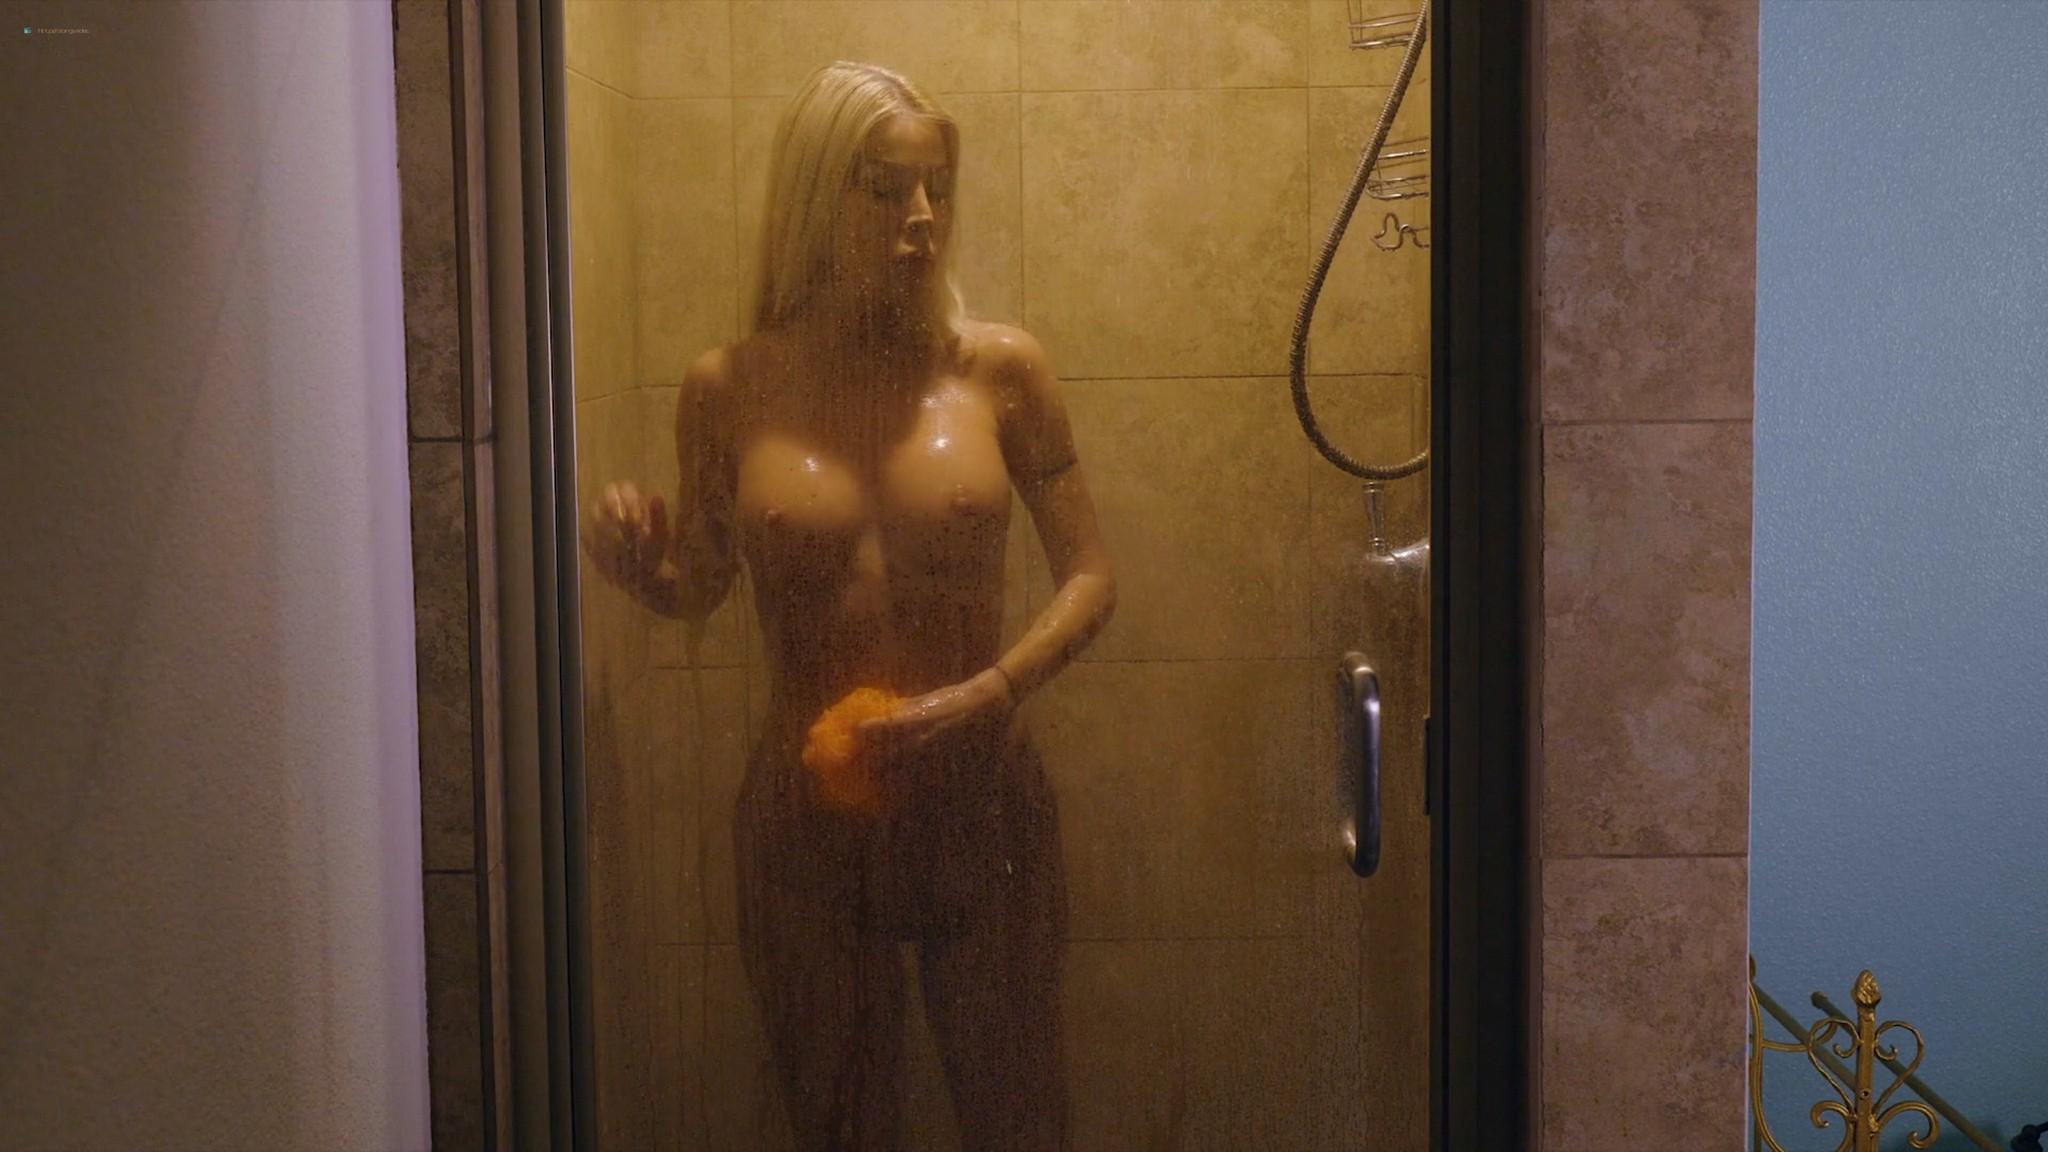 Dana Wolf nude Tabitha Stevens Devhorra Dark nude full frontal Die Influencers Die 2020 HD 1080p 005